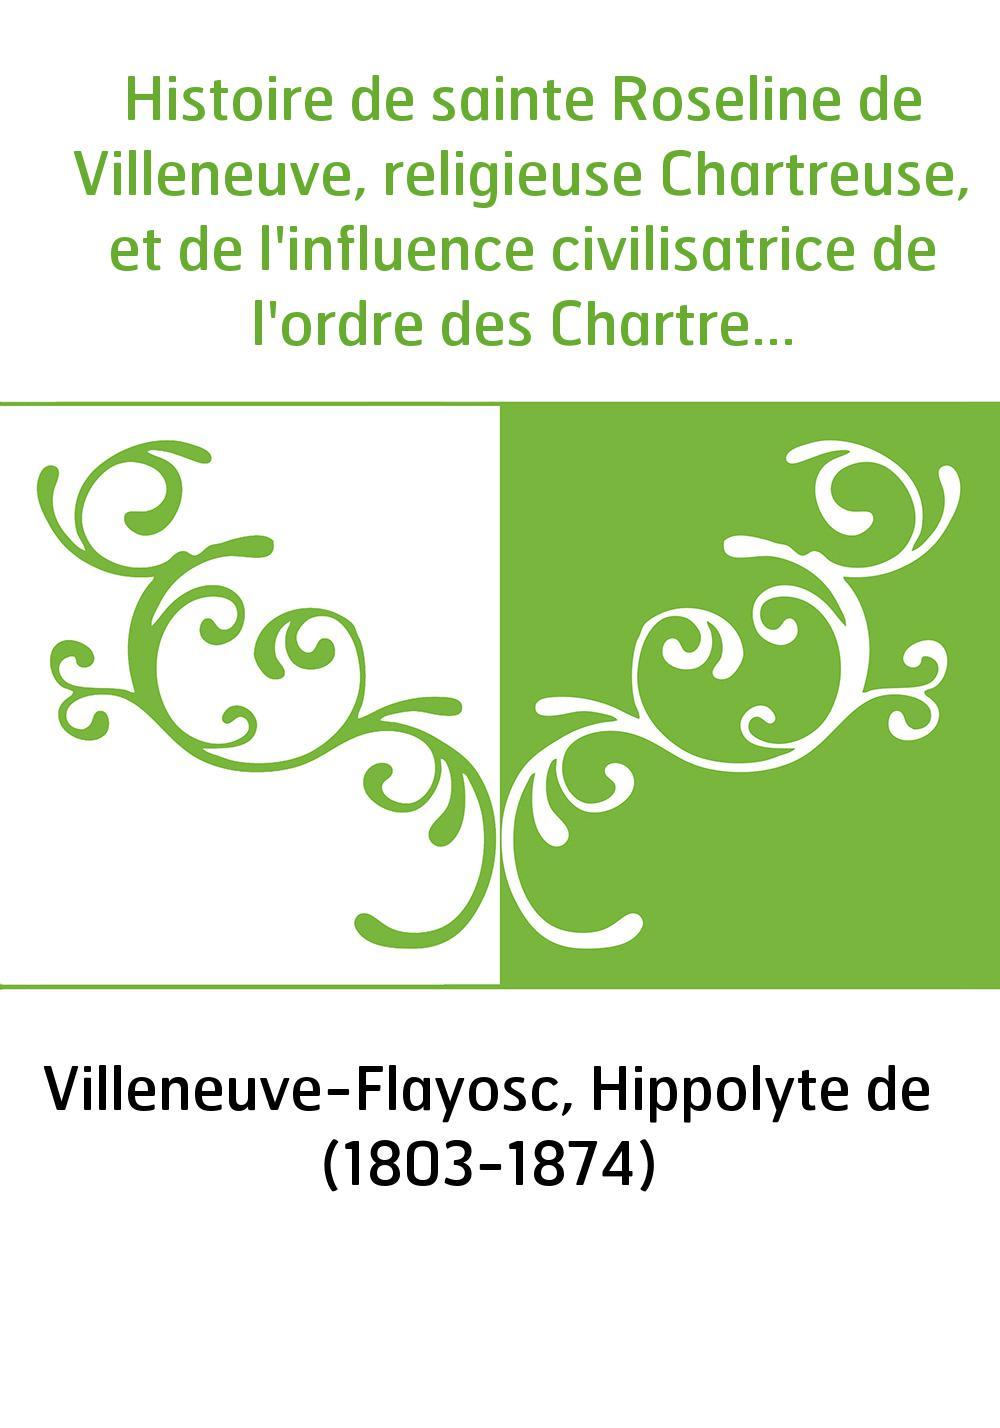 Histoire de sainte Roseline de Villeneuve, religieuse Chartreuse, et de l'influence civilisatrice de l'ordre des Chartreux avec